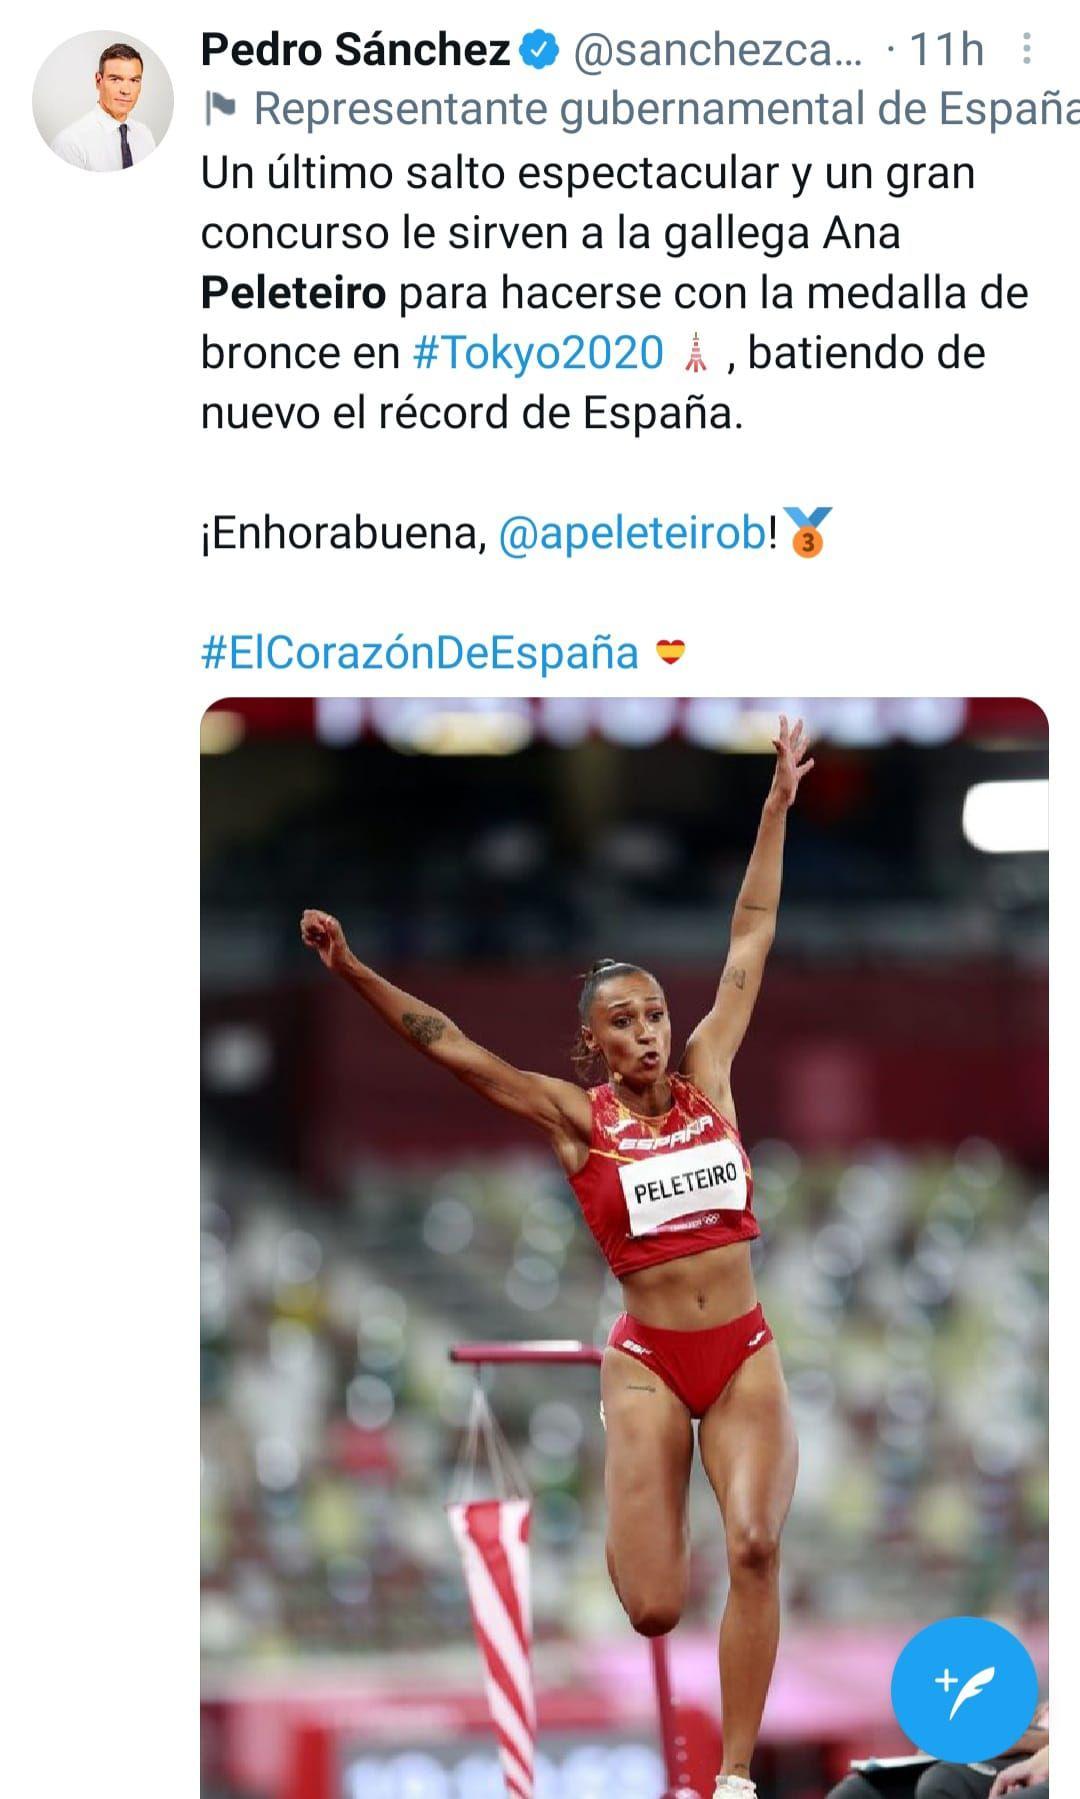 Este fue el mensaje del presidente del Gobierno, Pedro Sánchez.